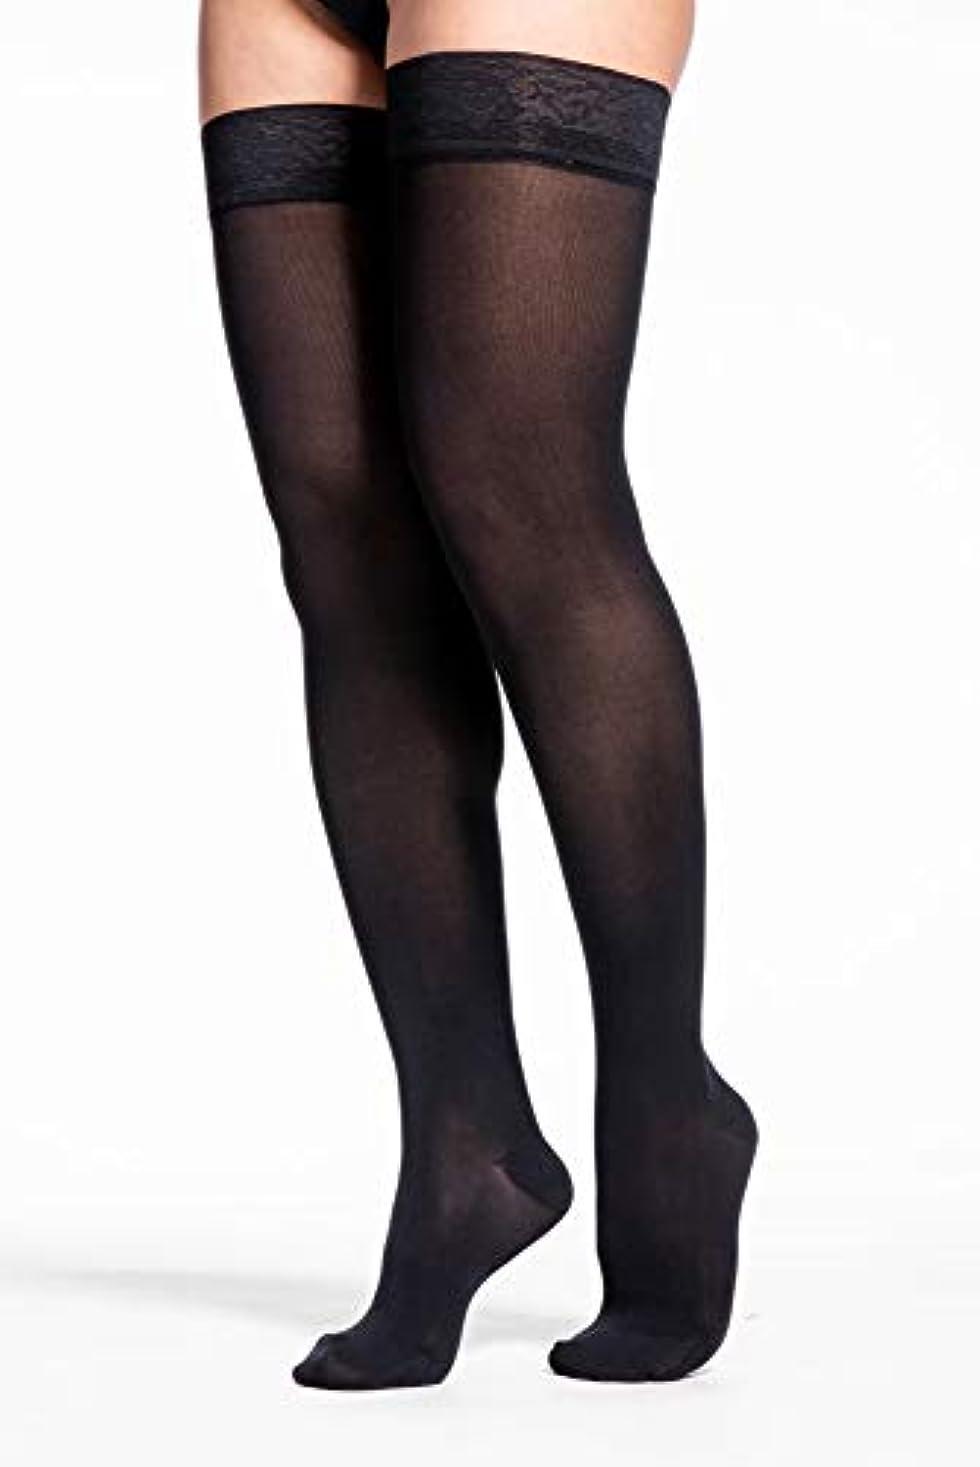 両方気づく類人猿Sigvaris 842NMLW99 Soft Opaque 20-30 mmHg Closed Toe Thigh Highs Color: Black 99, Size: Medium Long (ML) by Sigvaris